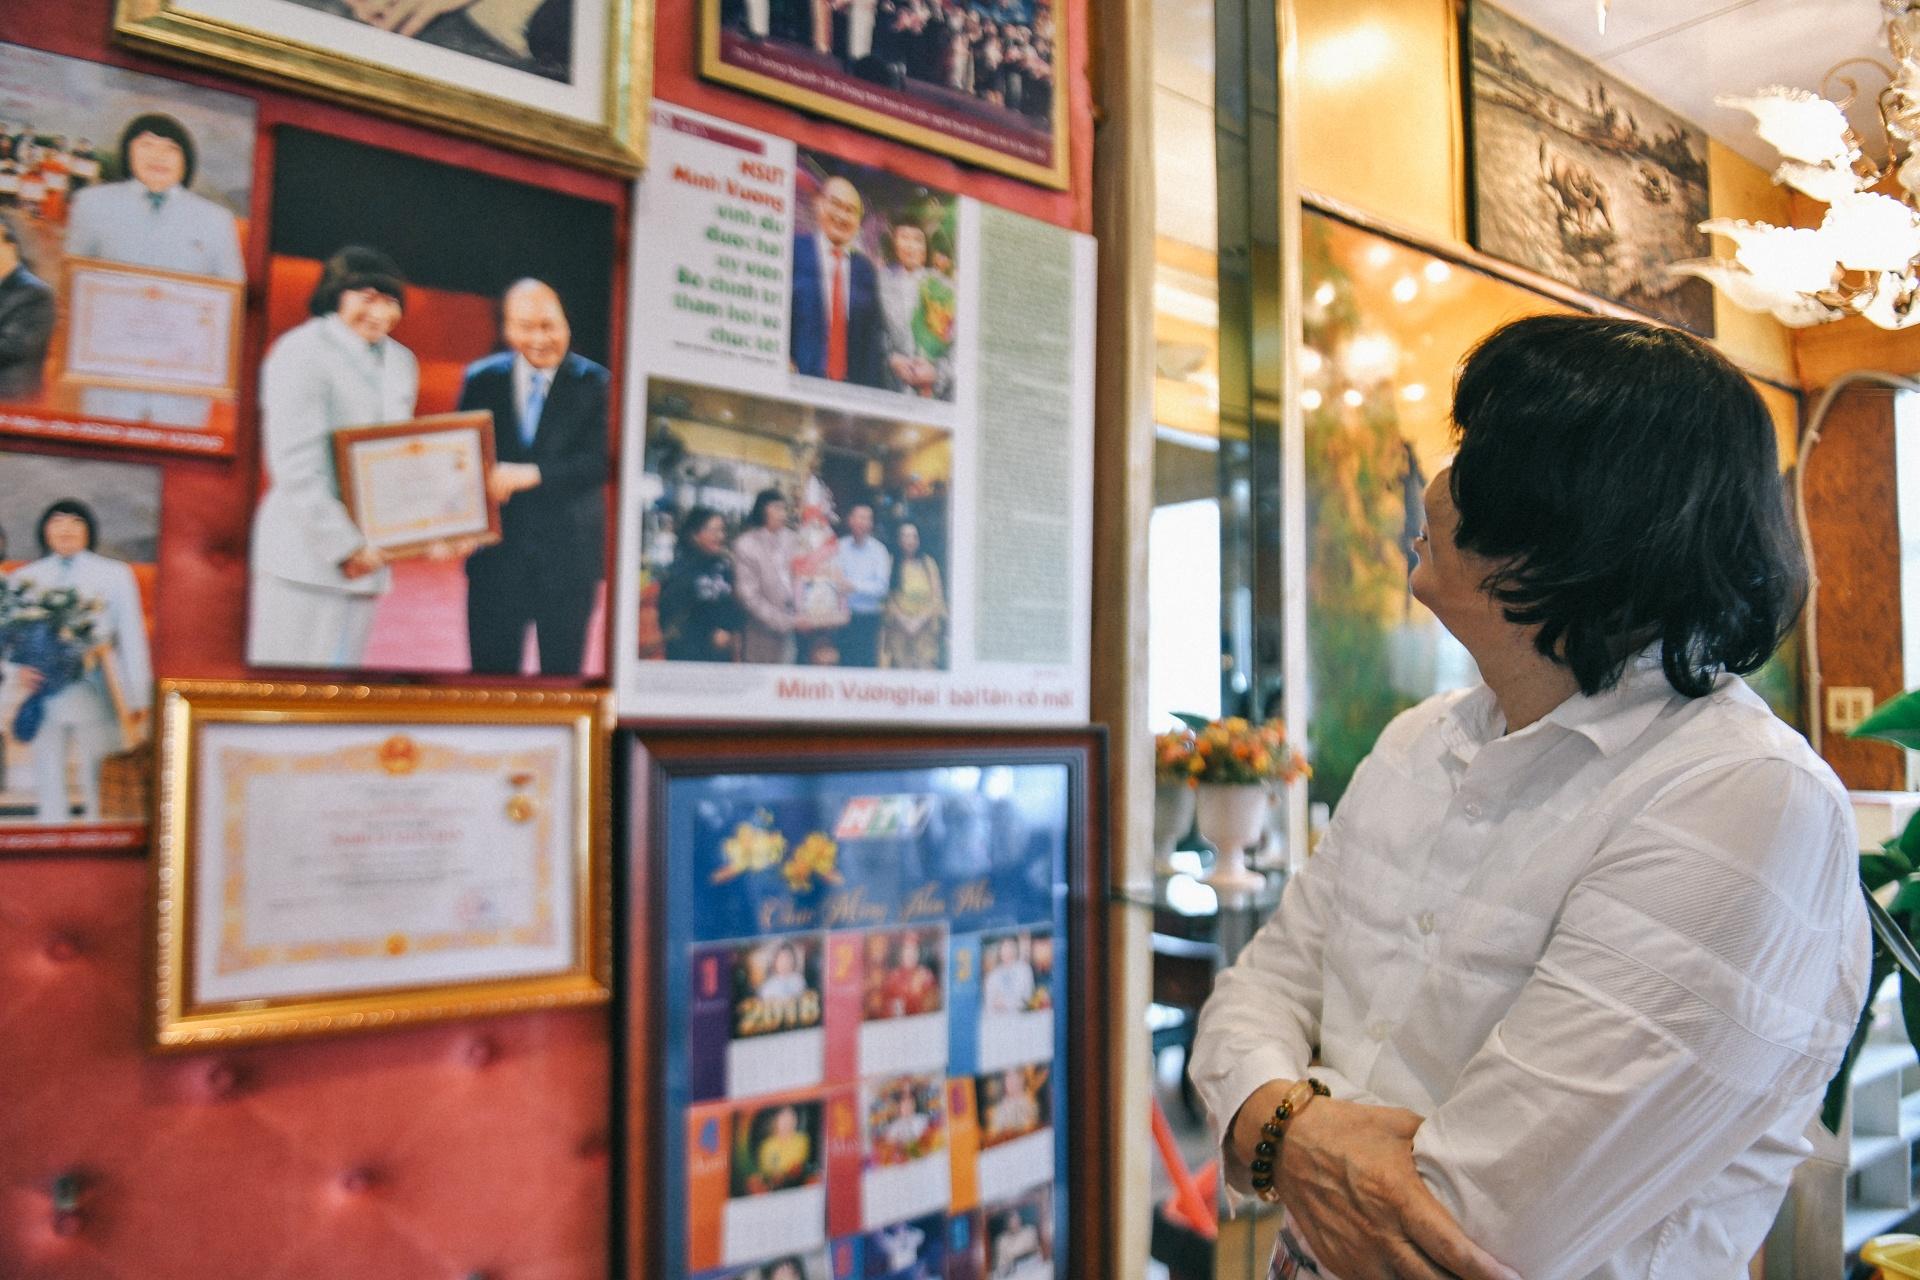 NSND Minh Vuong: 'Toi hoi sinh nho ghep than cua mot chang trai tre' hinh anh 20